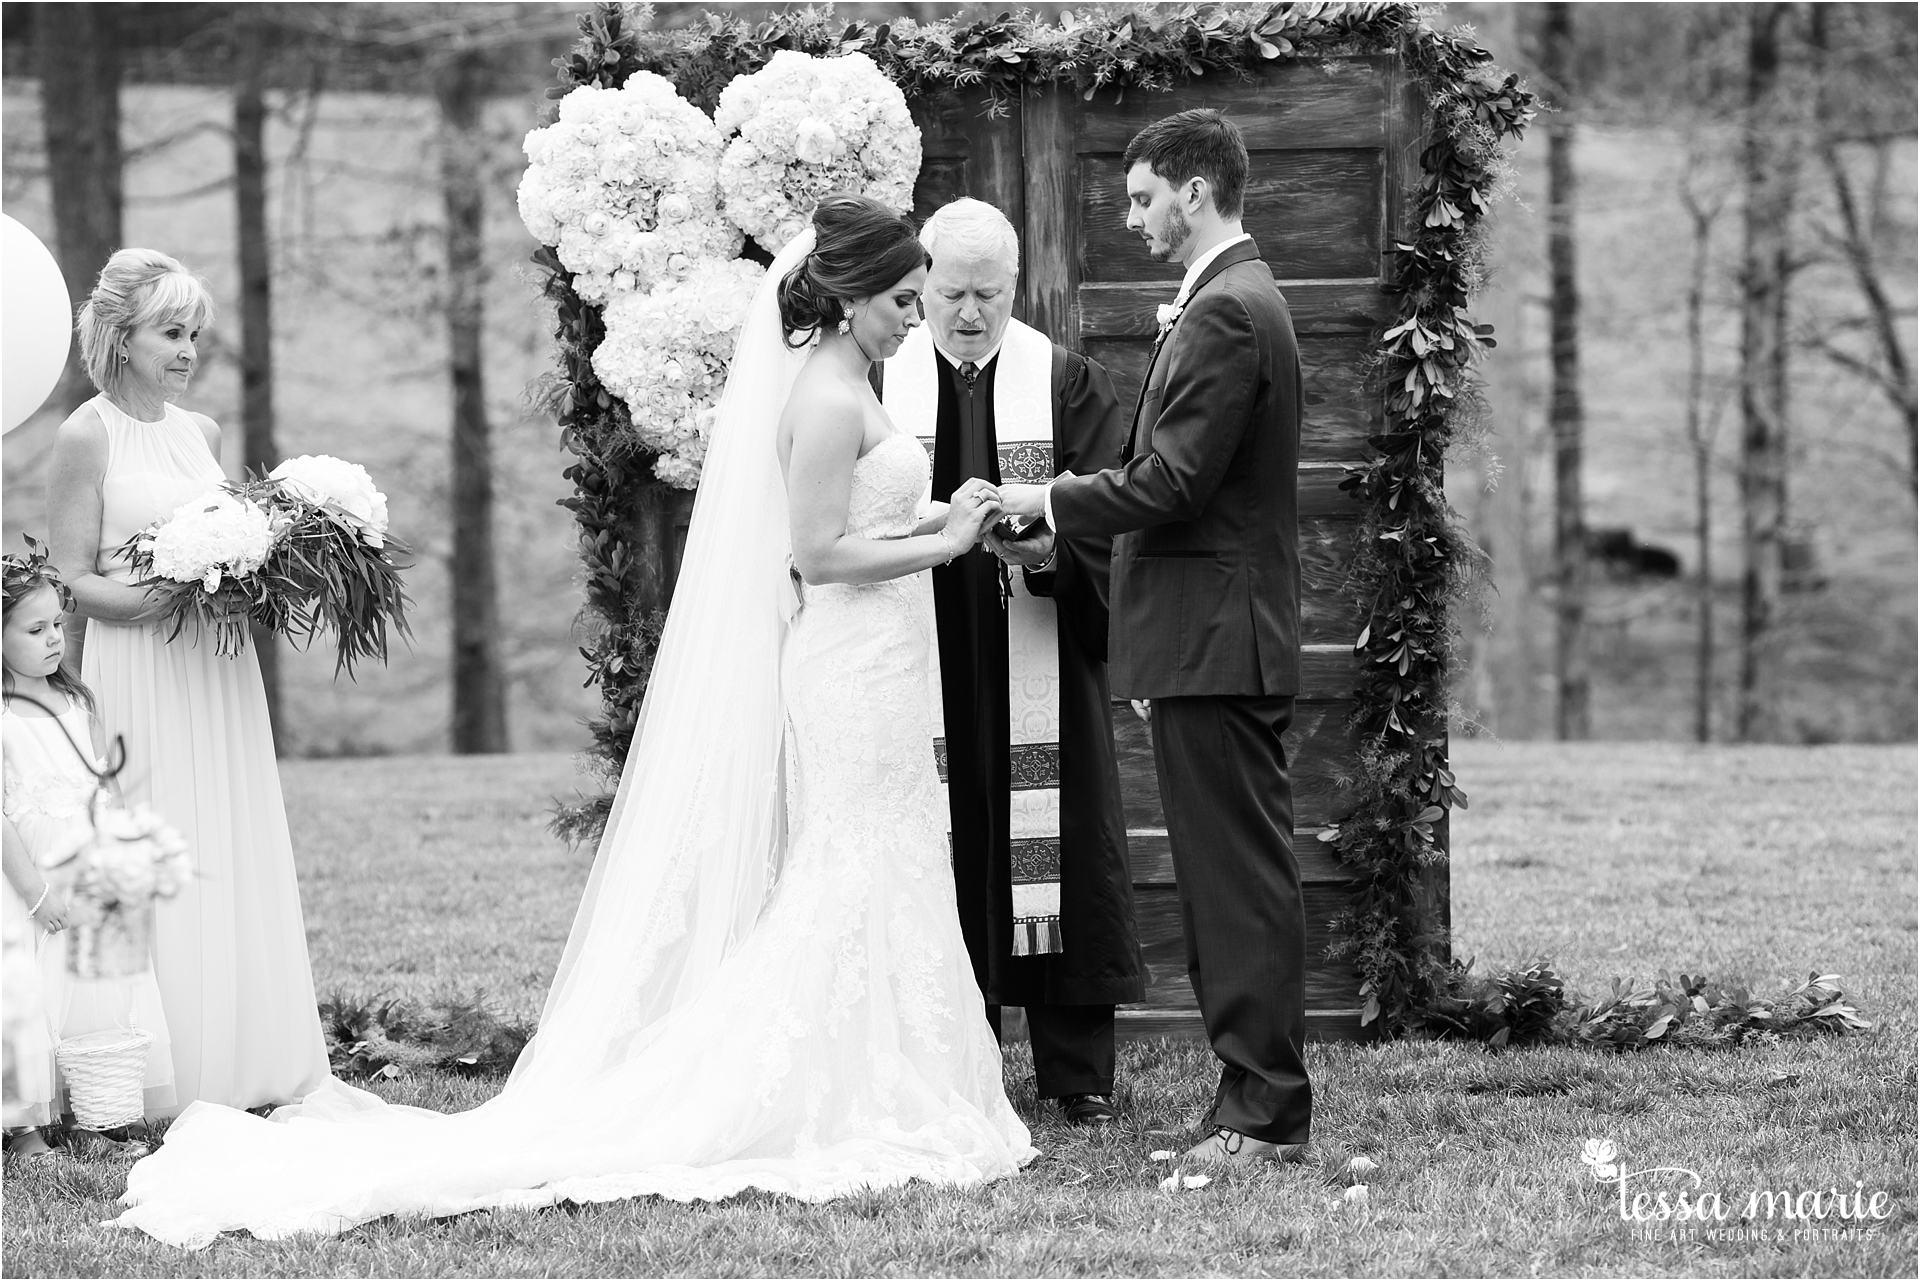 032216_brittany_kevin_wedding-121